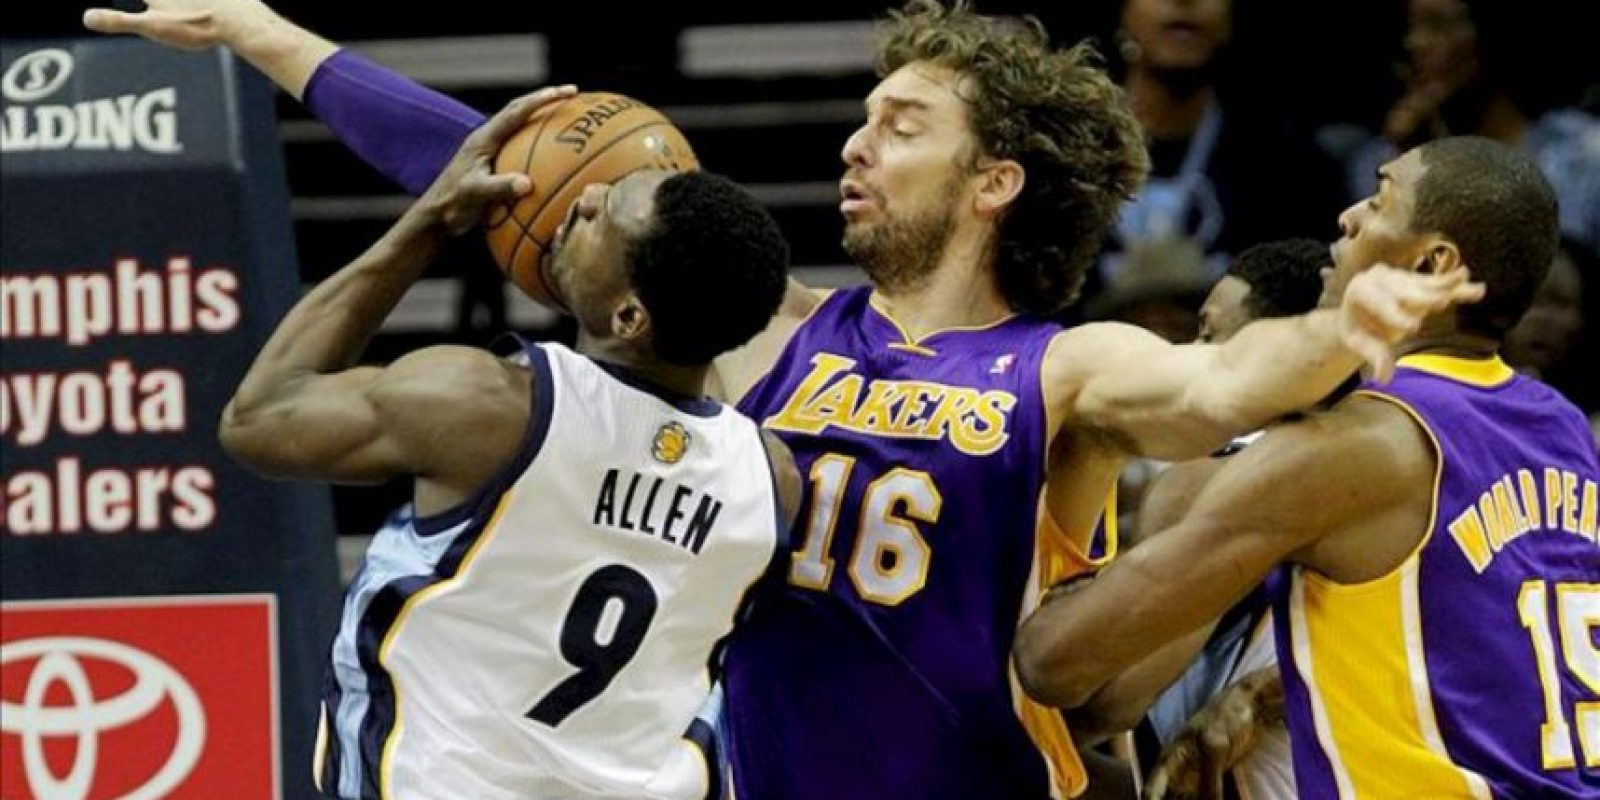 El jugador de Lakers Pau Gasol (c) marca a Tony Allen (i), de Grizzlies, durante un partido por la NBA en el FedExForum de Memphis, Tennessee (EE.UU.). EFE